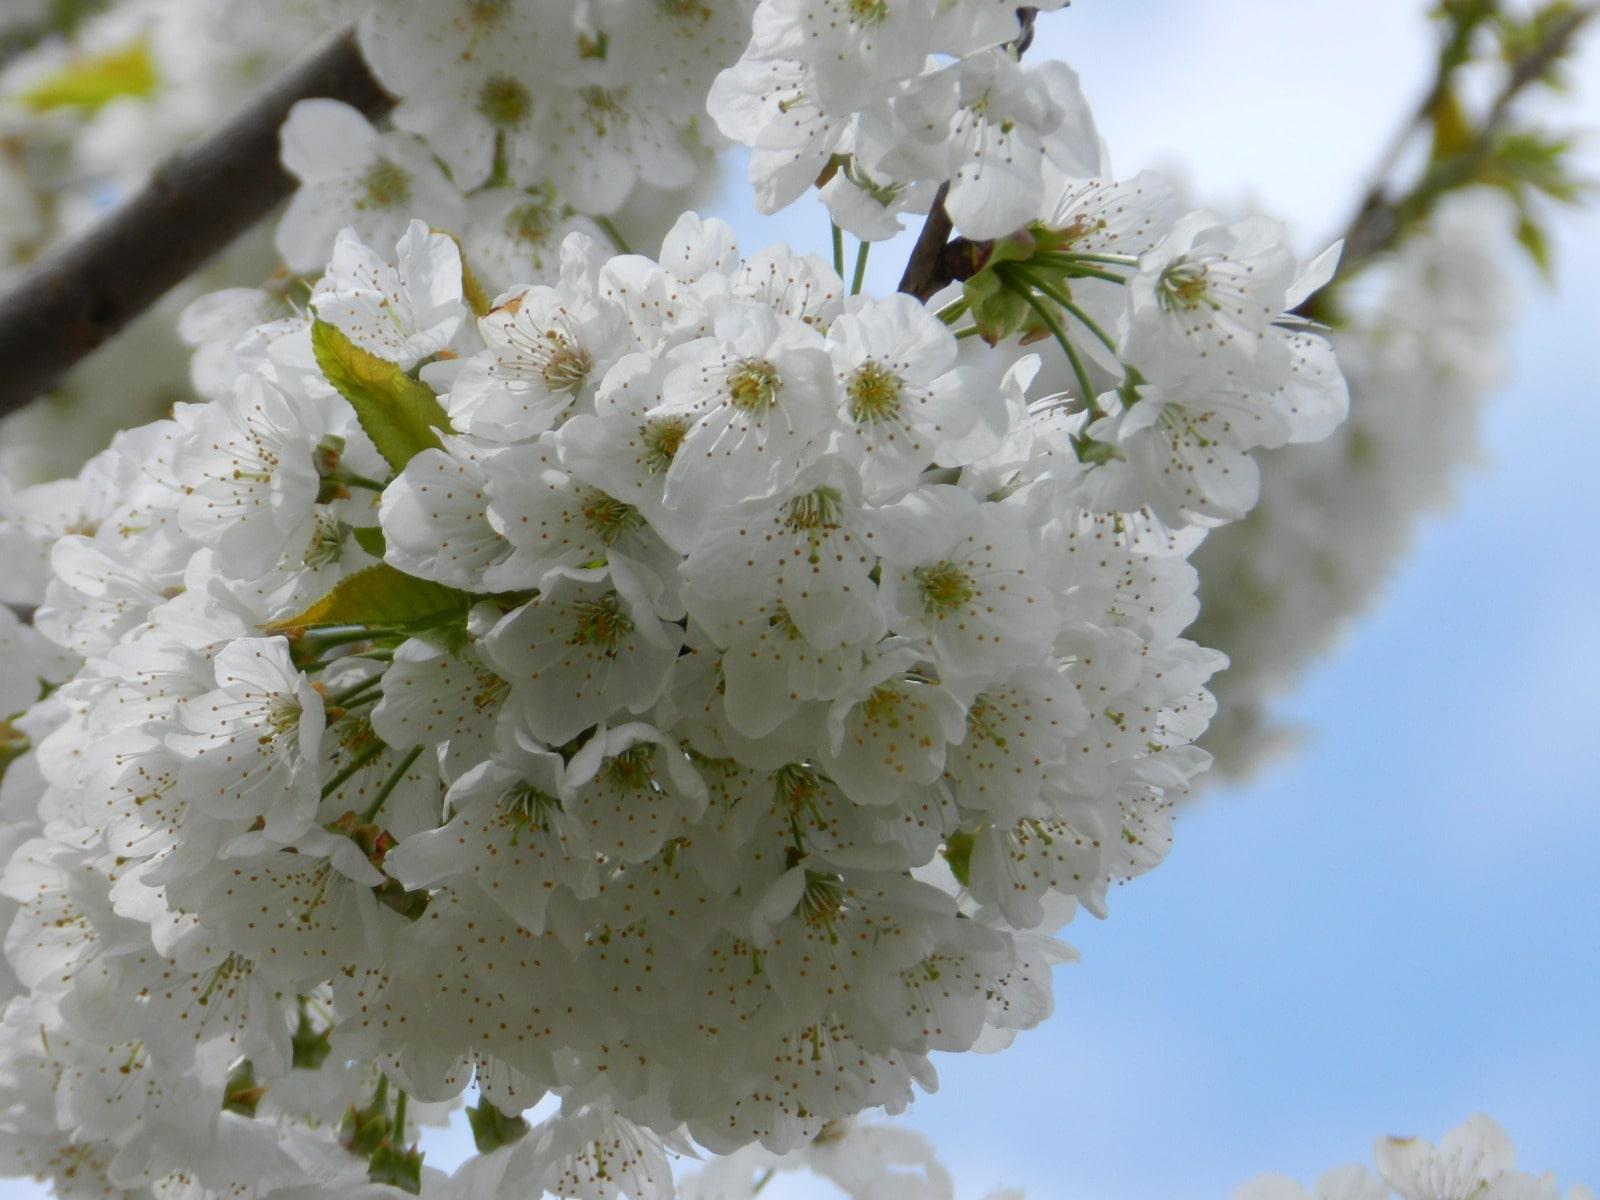 Vitormone uygulaması yapılmış meyve ağacındaki çiçeklenme